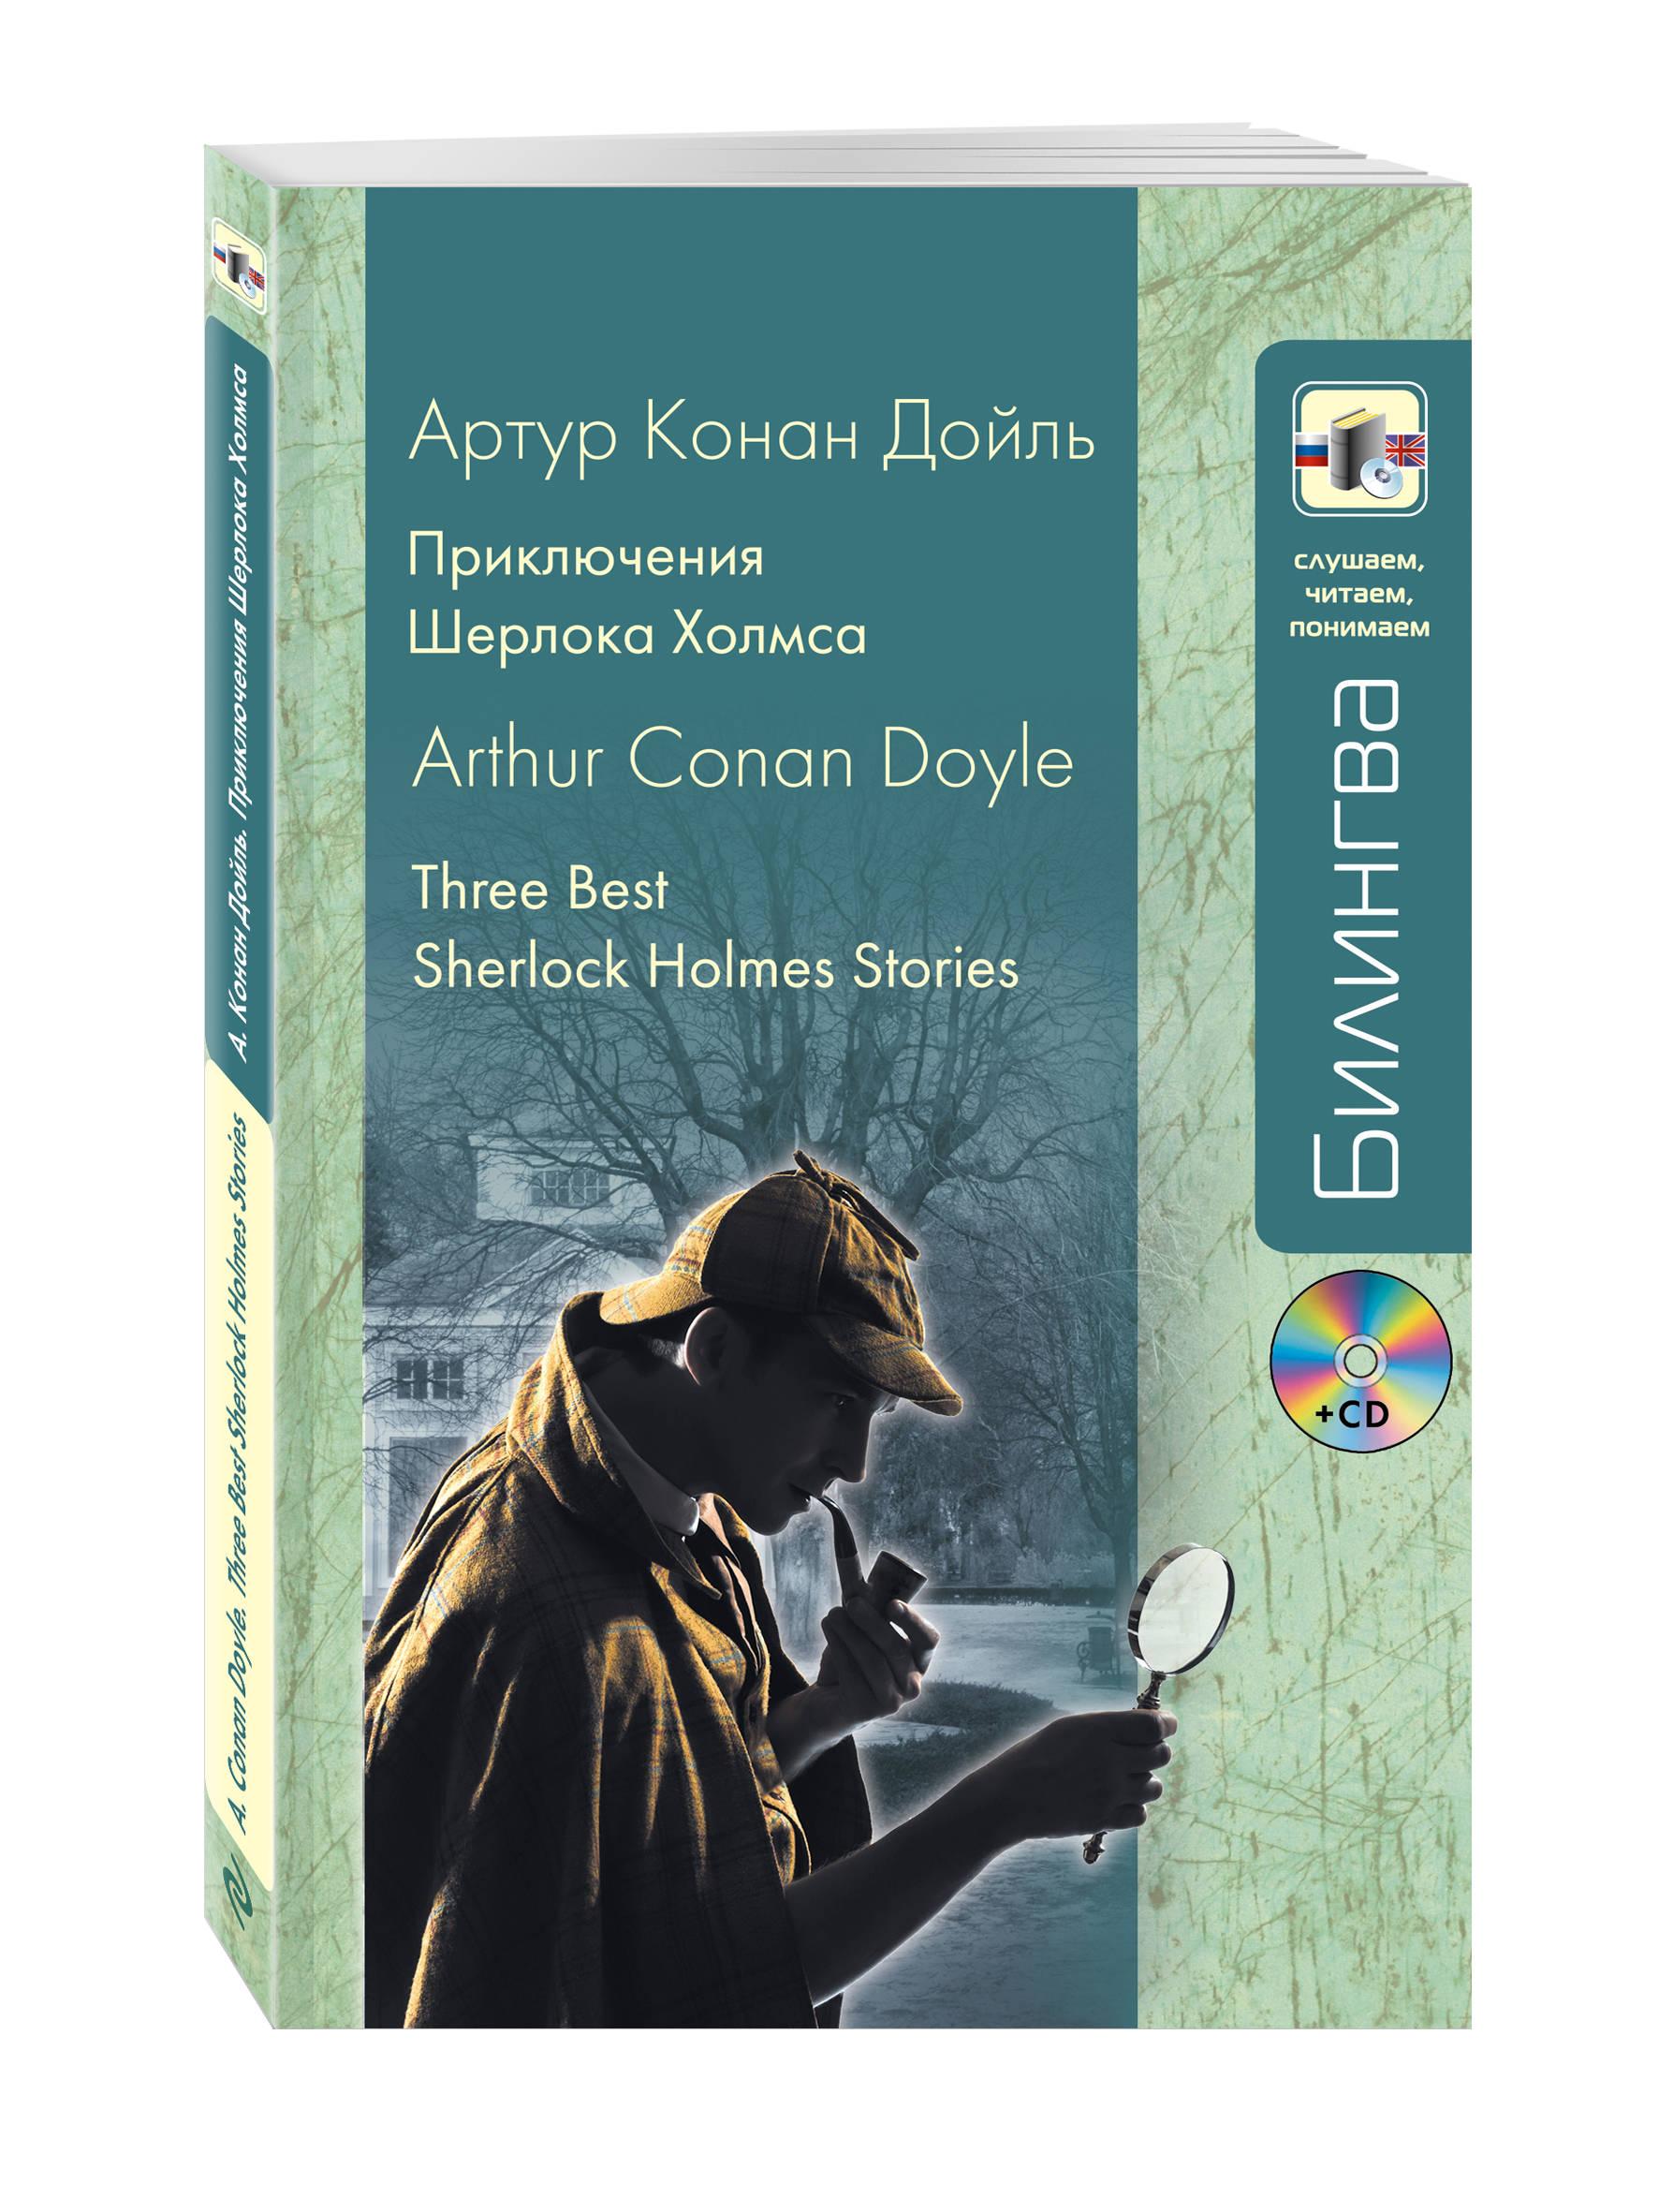 Конан Дойл А. Приключения Шерлока Холмса (+CD) артур конан дойл тайна клумбера